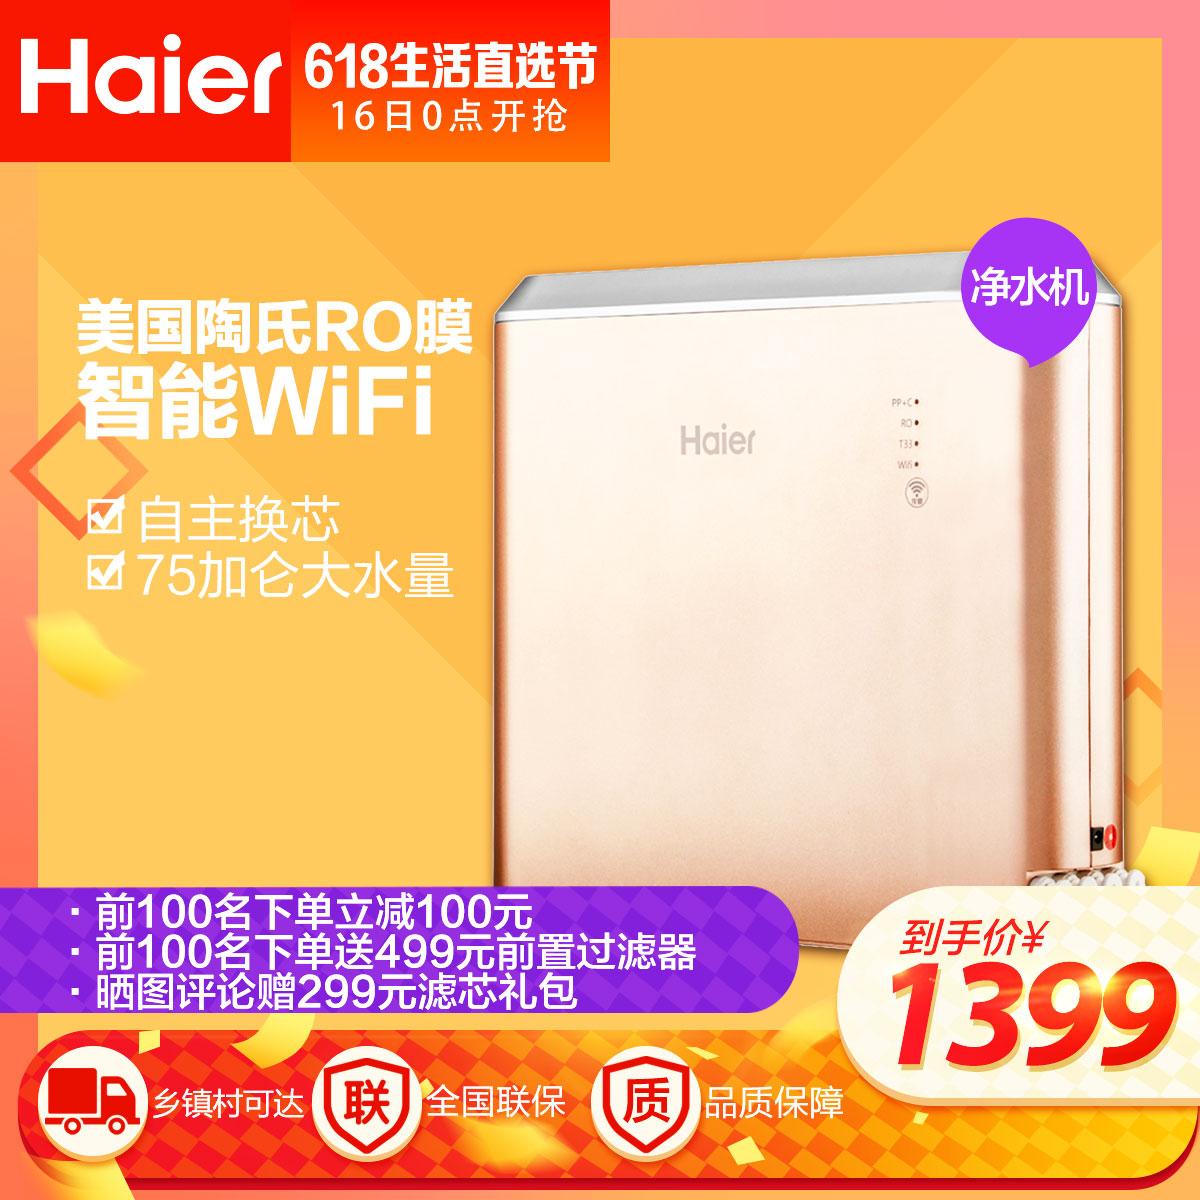 海尔净水机,美国陶氏RO膜,智能WiFi,自主换芯 HRO7520-4